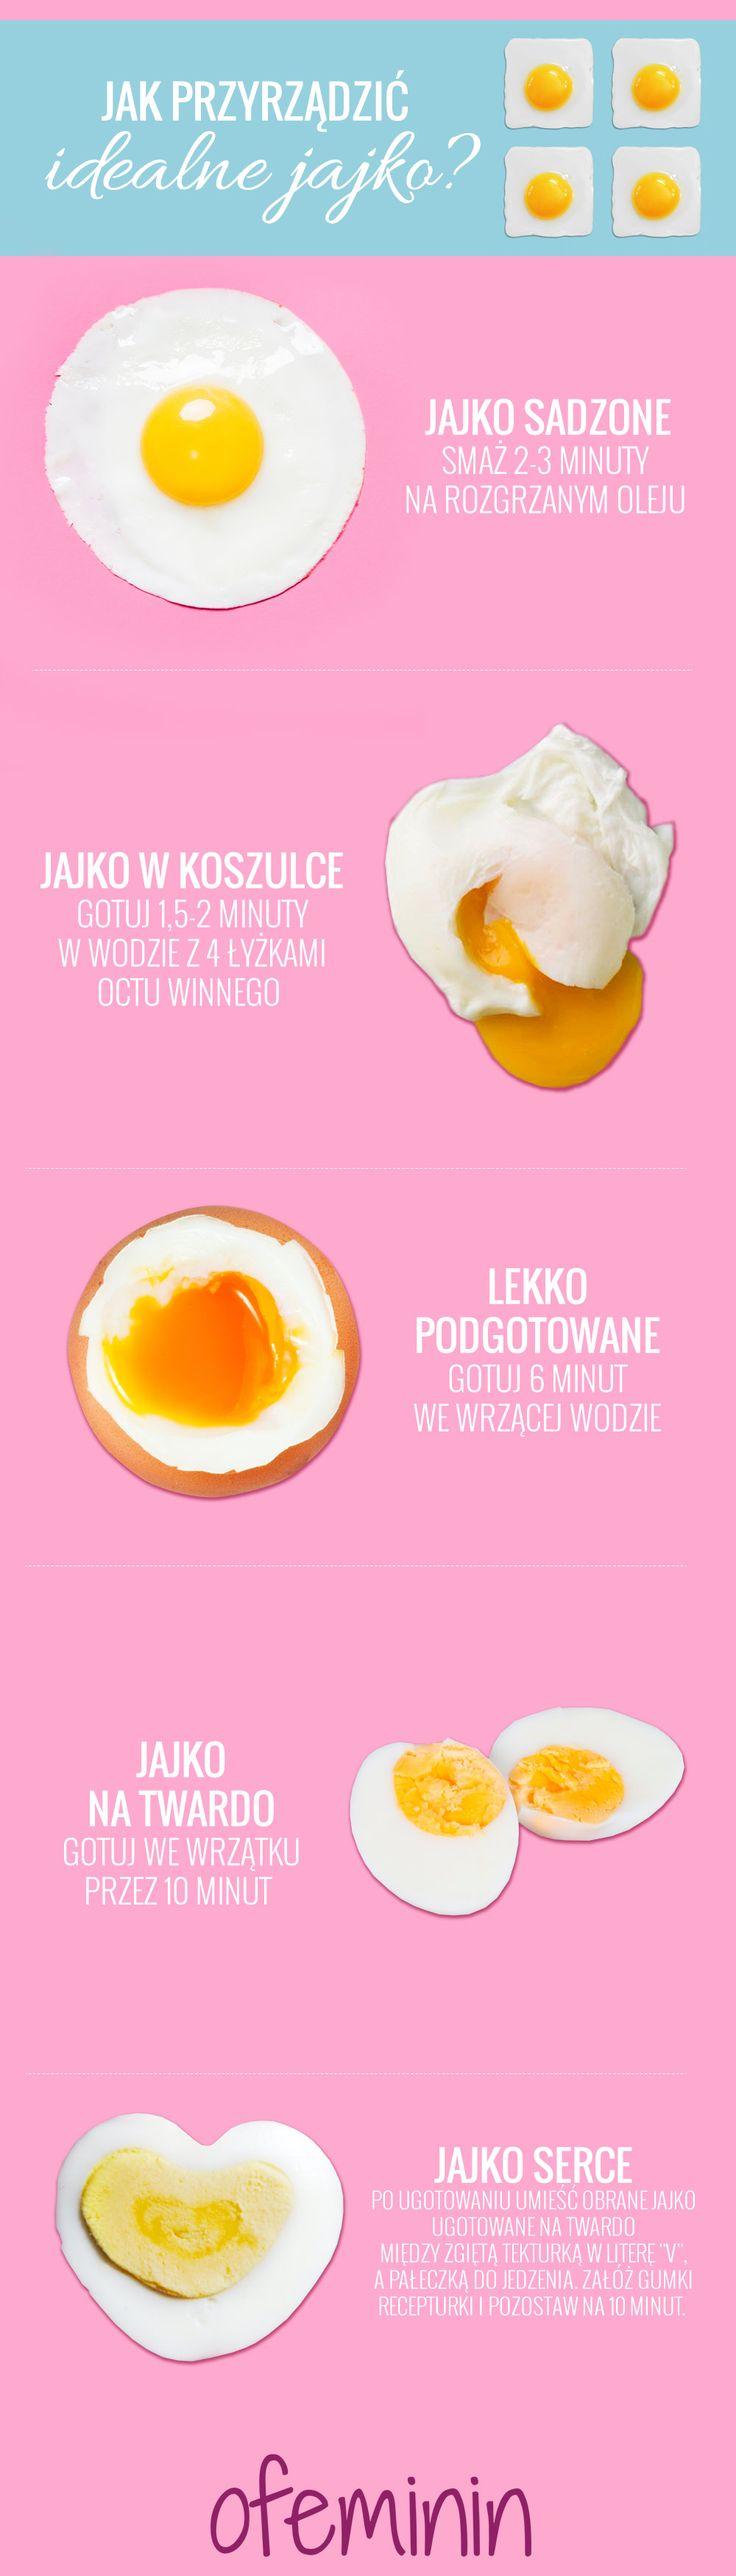 Przepis na idealne jajko #jajko #przepis #sadzone #gotowane #jajkowkoszulce #eggs #infographic #infografika #jedzenie #food #gotowanie